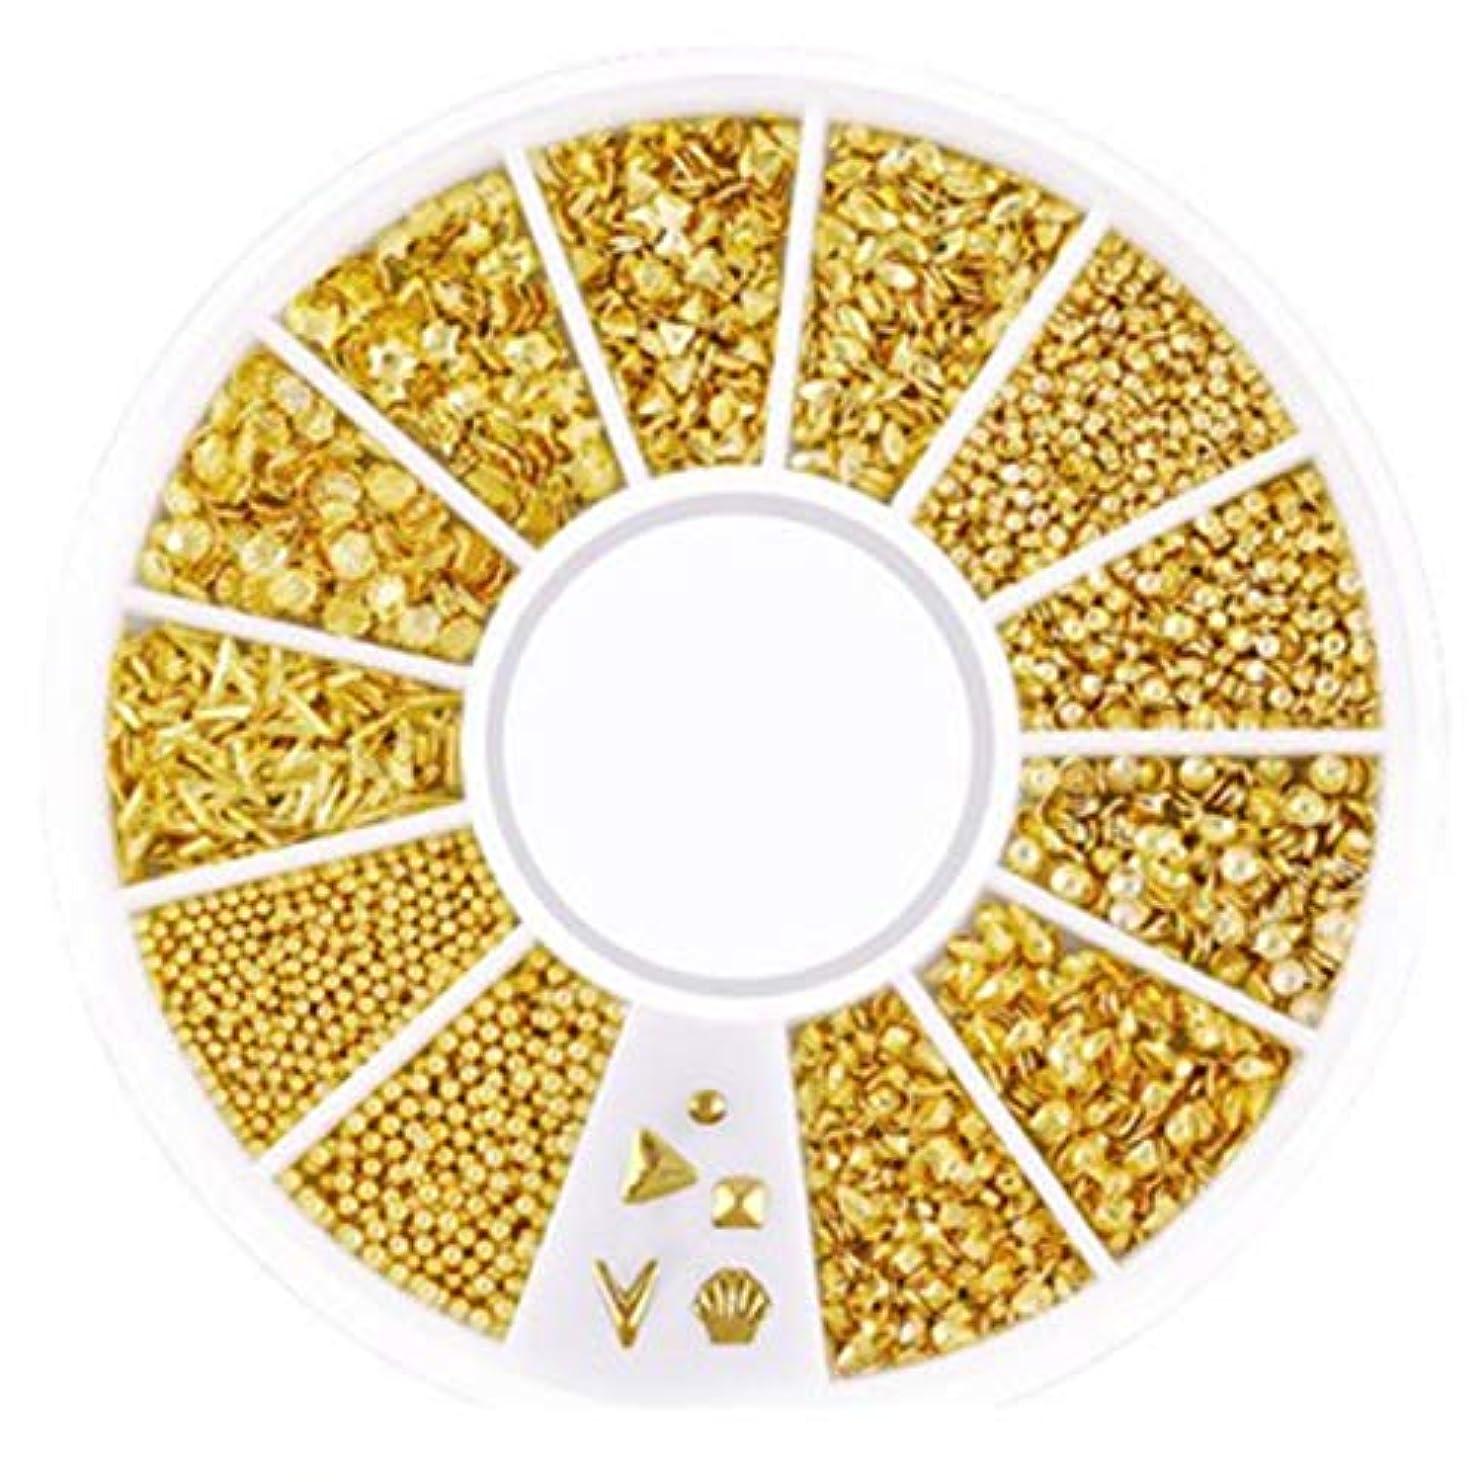 流産印象的な受け皿TOOGOO 3d中空ネイルアートデコレーション混合形状の幾何学ゴールデンチップdiyネイルアートツールファッションネイルデコレーションステッカーXy-05